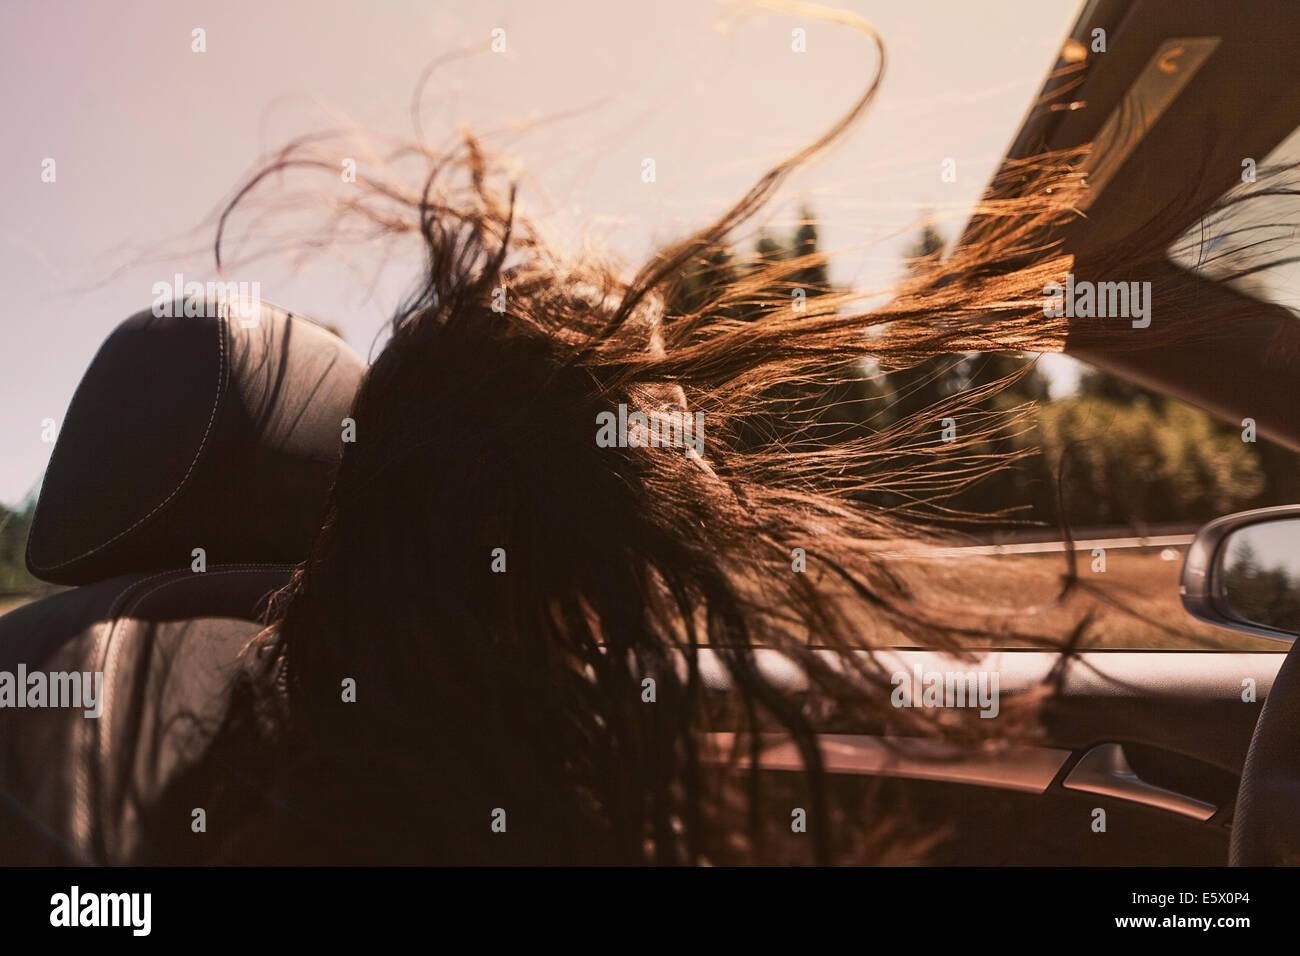 Mitte Erwachsene Frau mit langen Haaren im Wind wehen Cabrio fahren Stockbild